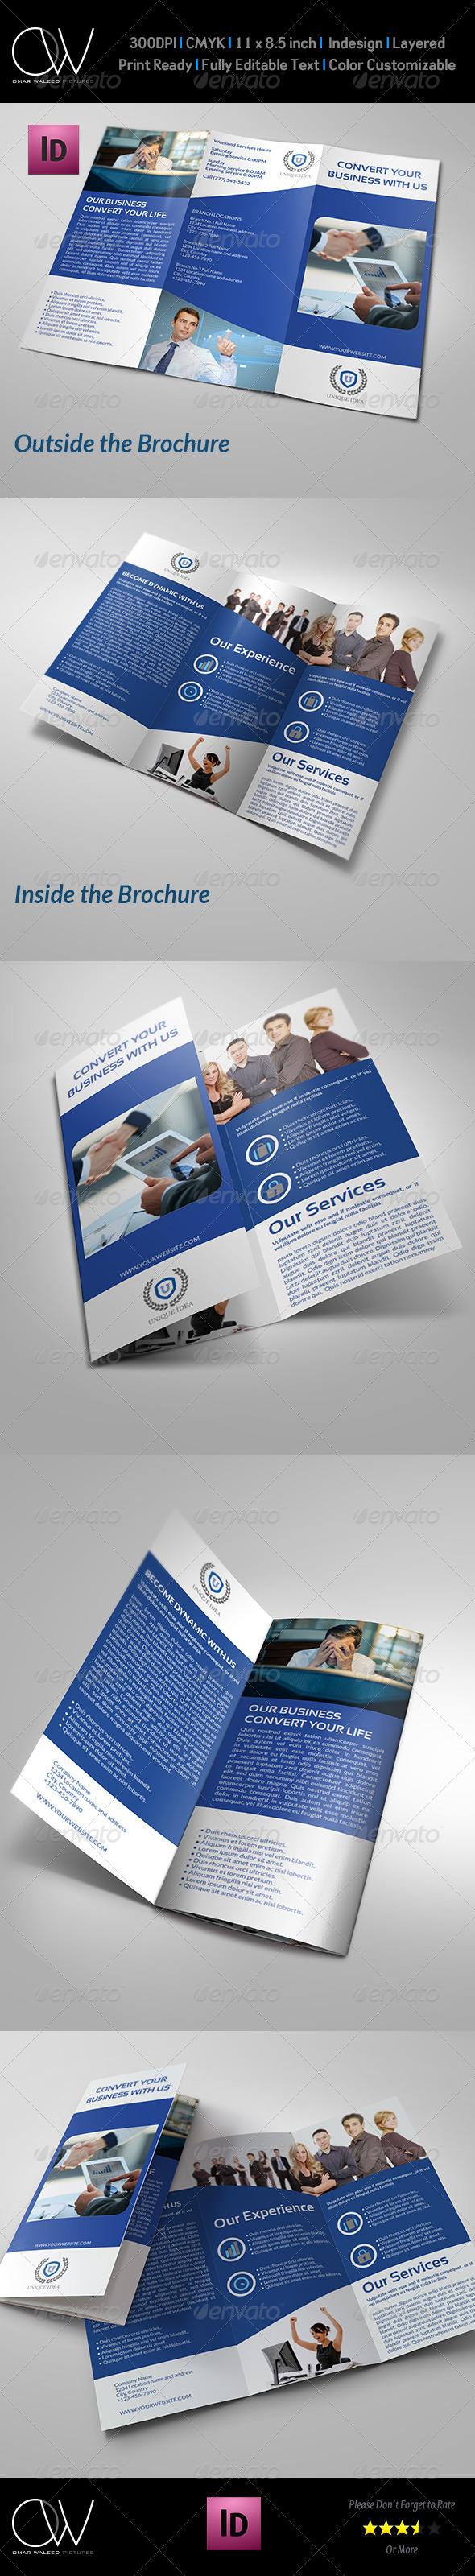 GraphicRiver Company Brochure Tri-Fold TemplateVol.9 7615958